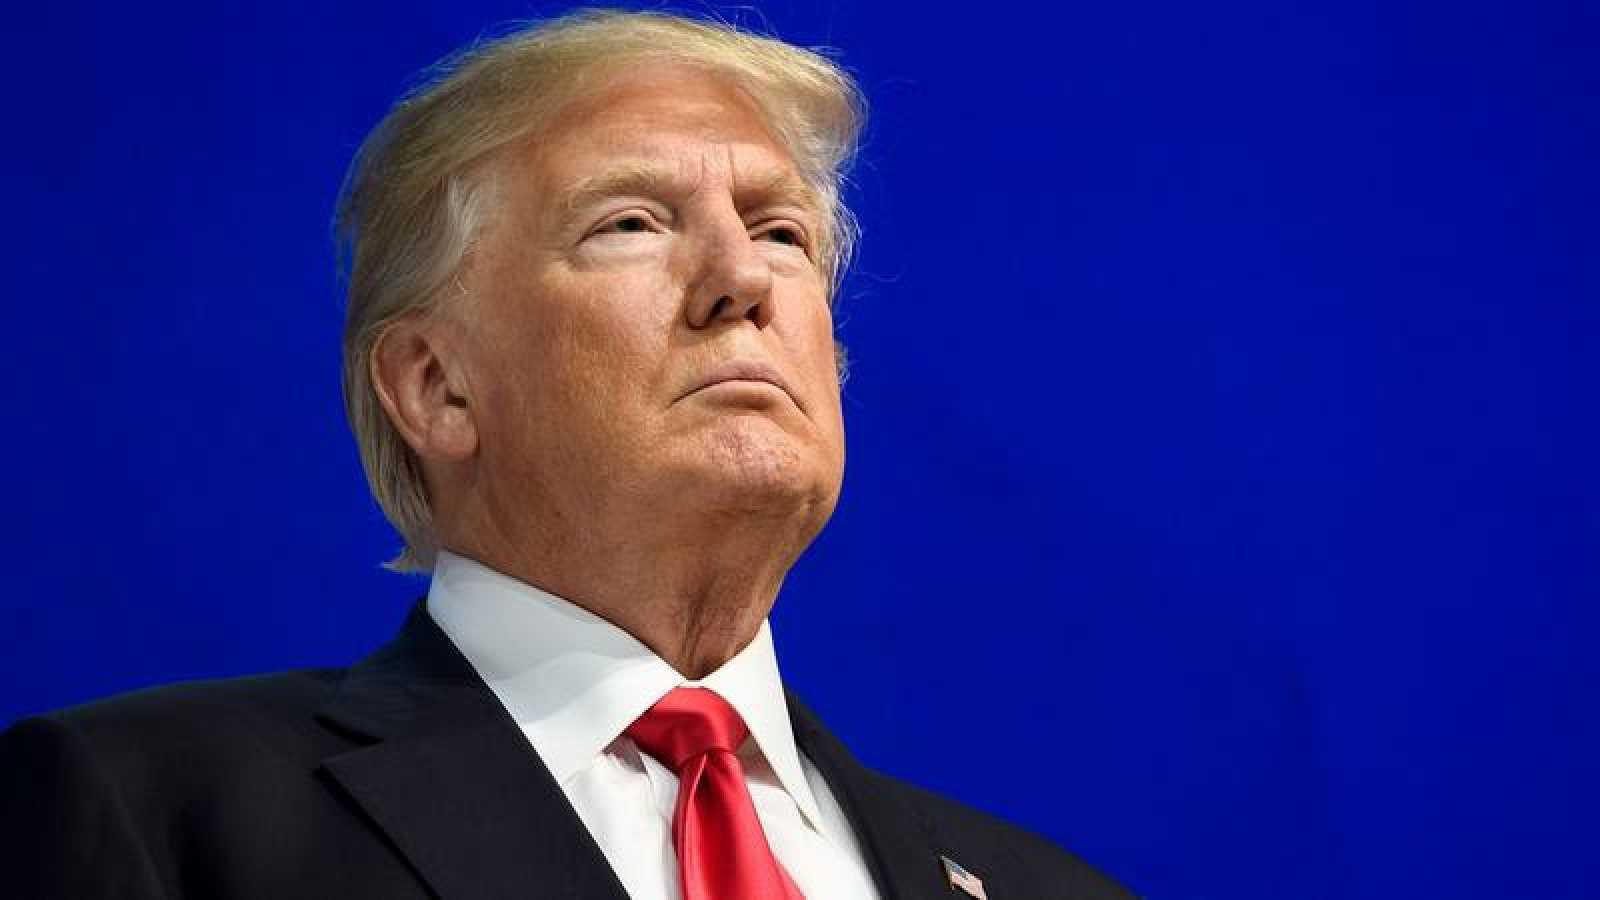 El presidente estadounidense, Donald Trump, antes de dar su discurso en Davos